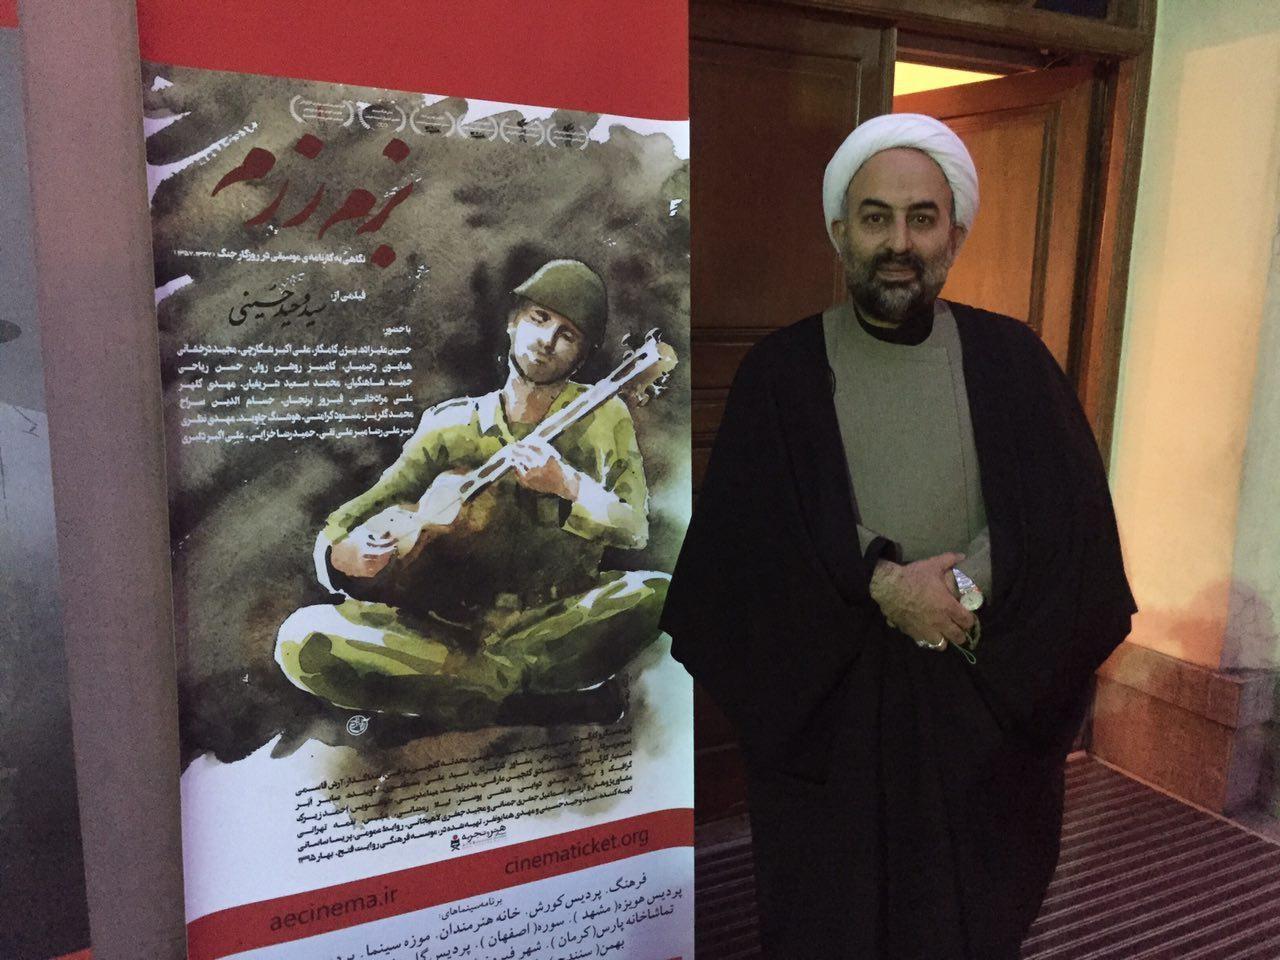 محمدرضا زائری: با دیدن حسین علیزاده در «بزم رزم» فهمیدم چقدر به او نزدیک هستم